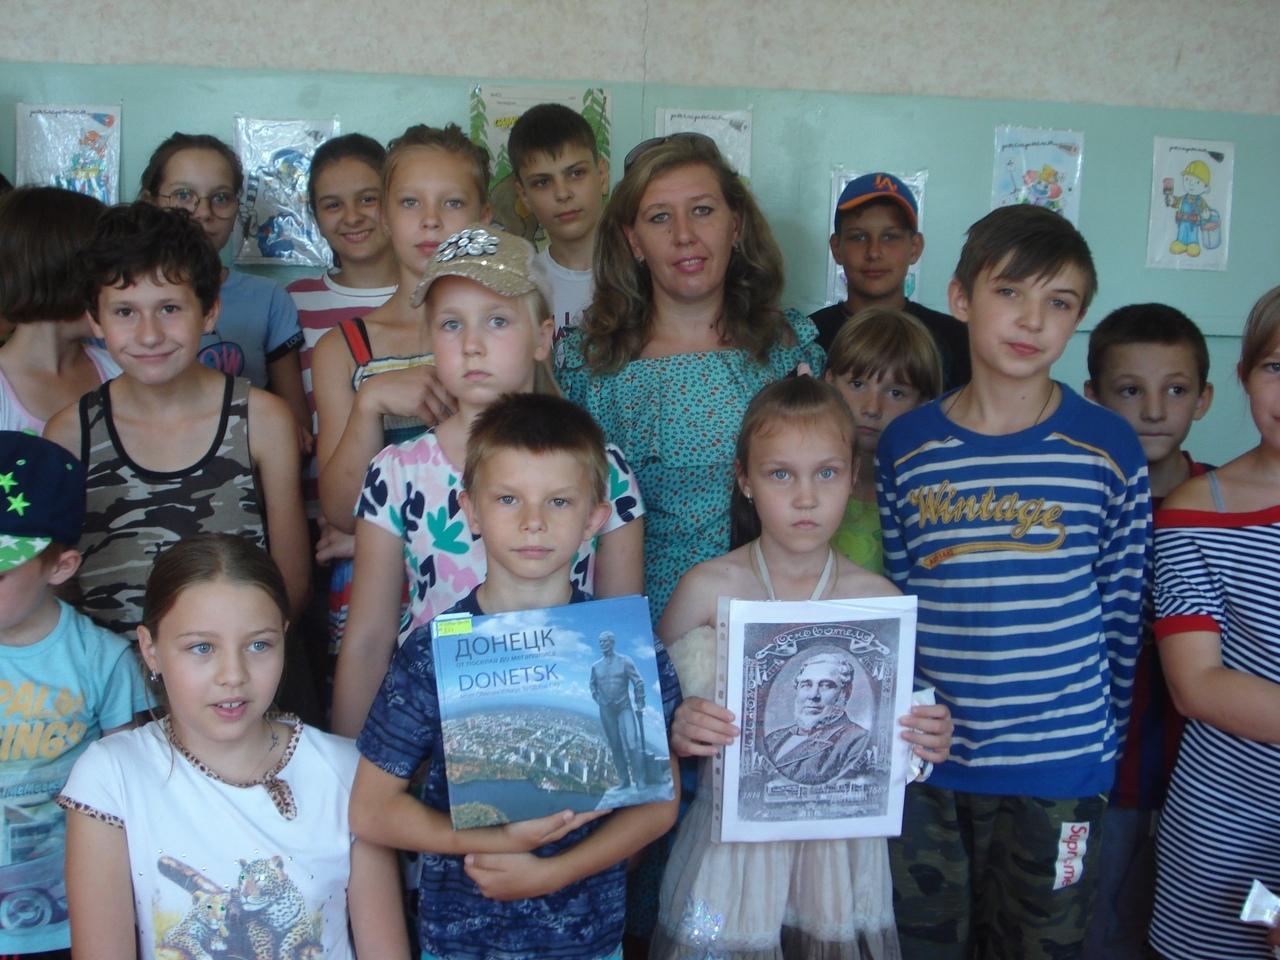 отдел справочно-библиографического и информационного обслуживания, Донецкая республиканская библиотека для детей, лето с библиотекой, 150 лет донецку